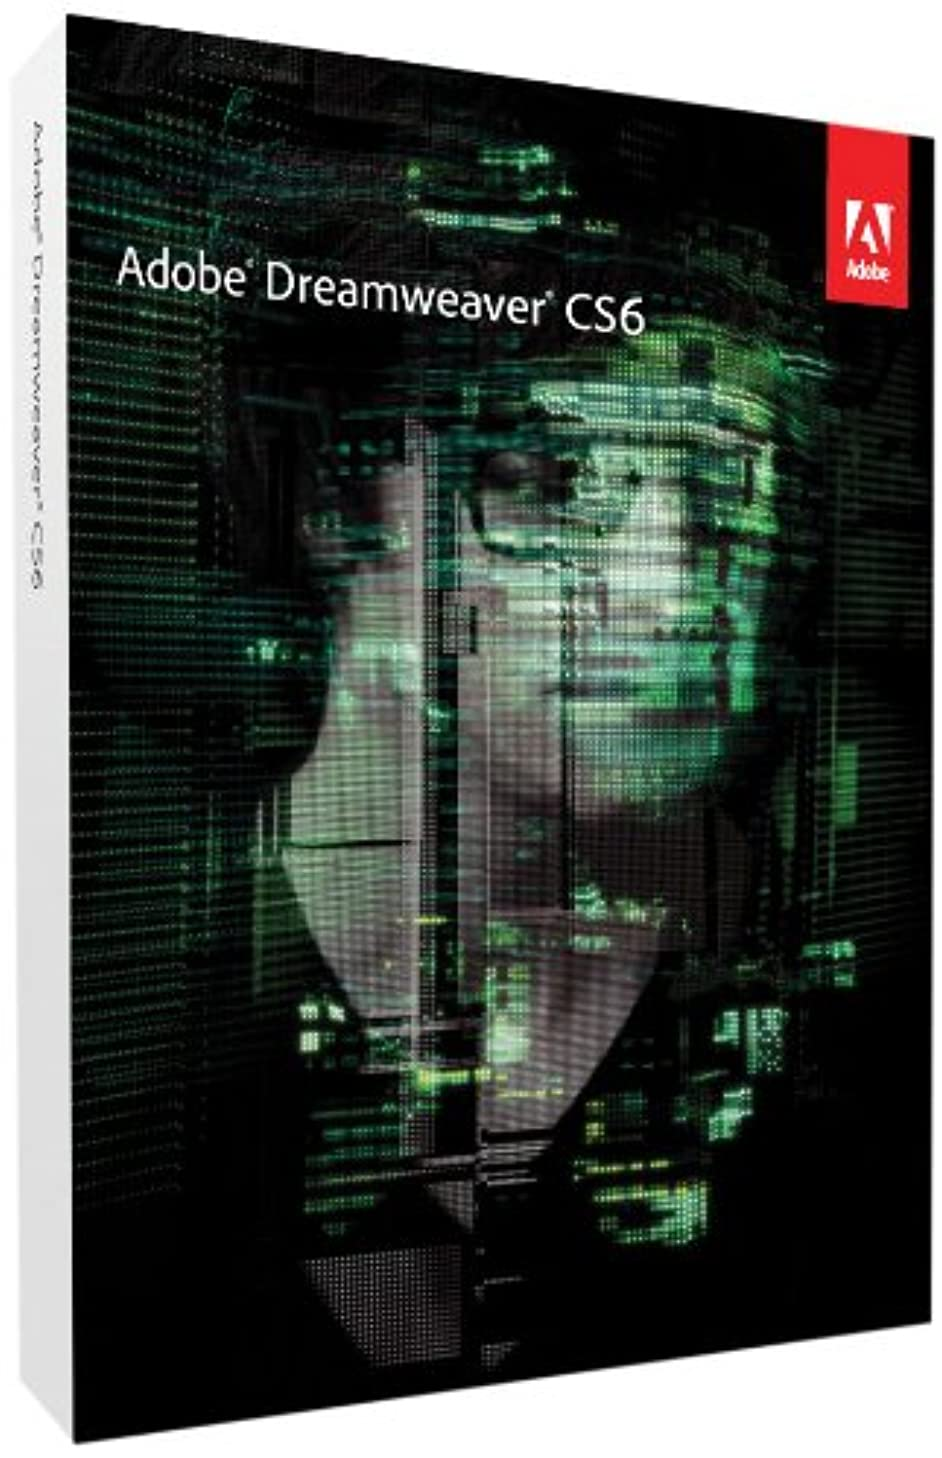 Adobe Dreamweaver CS6 Macintosh版 (旧製品)